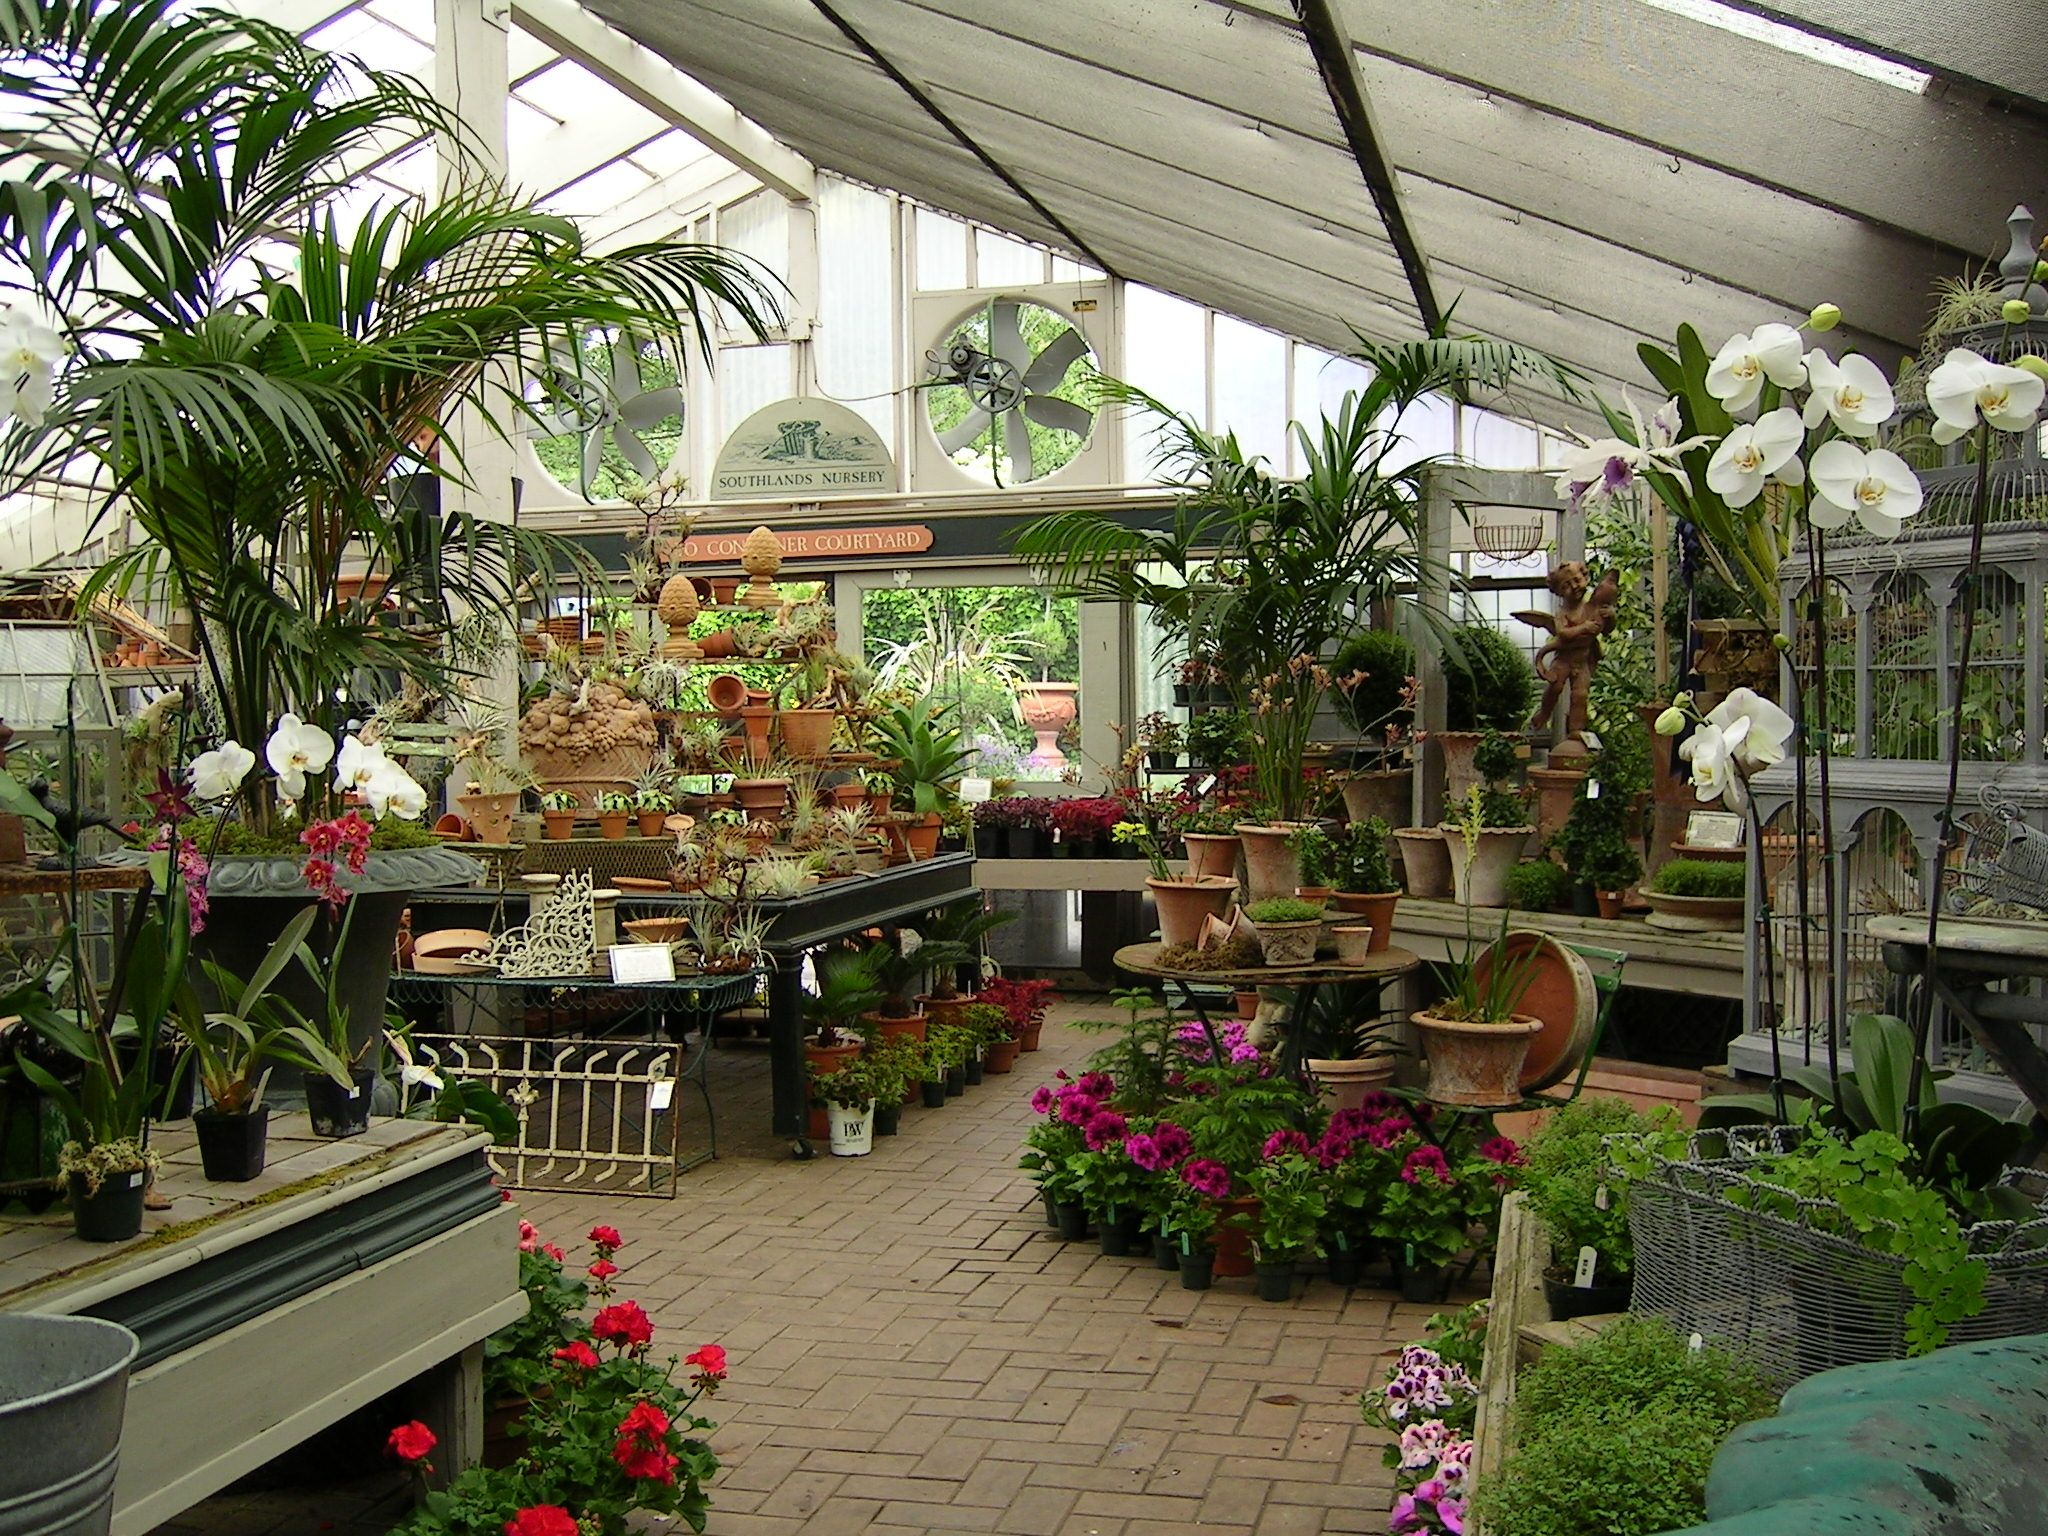 Southlands Nursery, Vancouver | Pinterest | Garden shop, Green ...